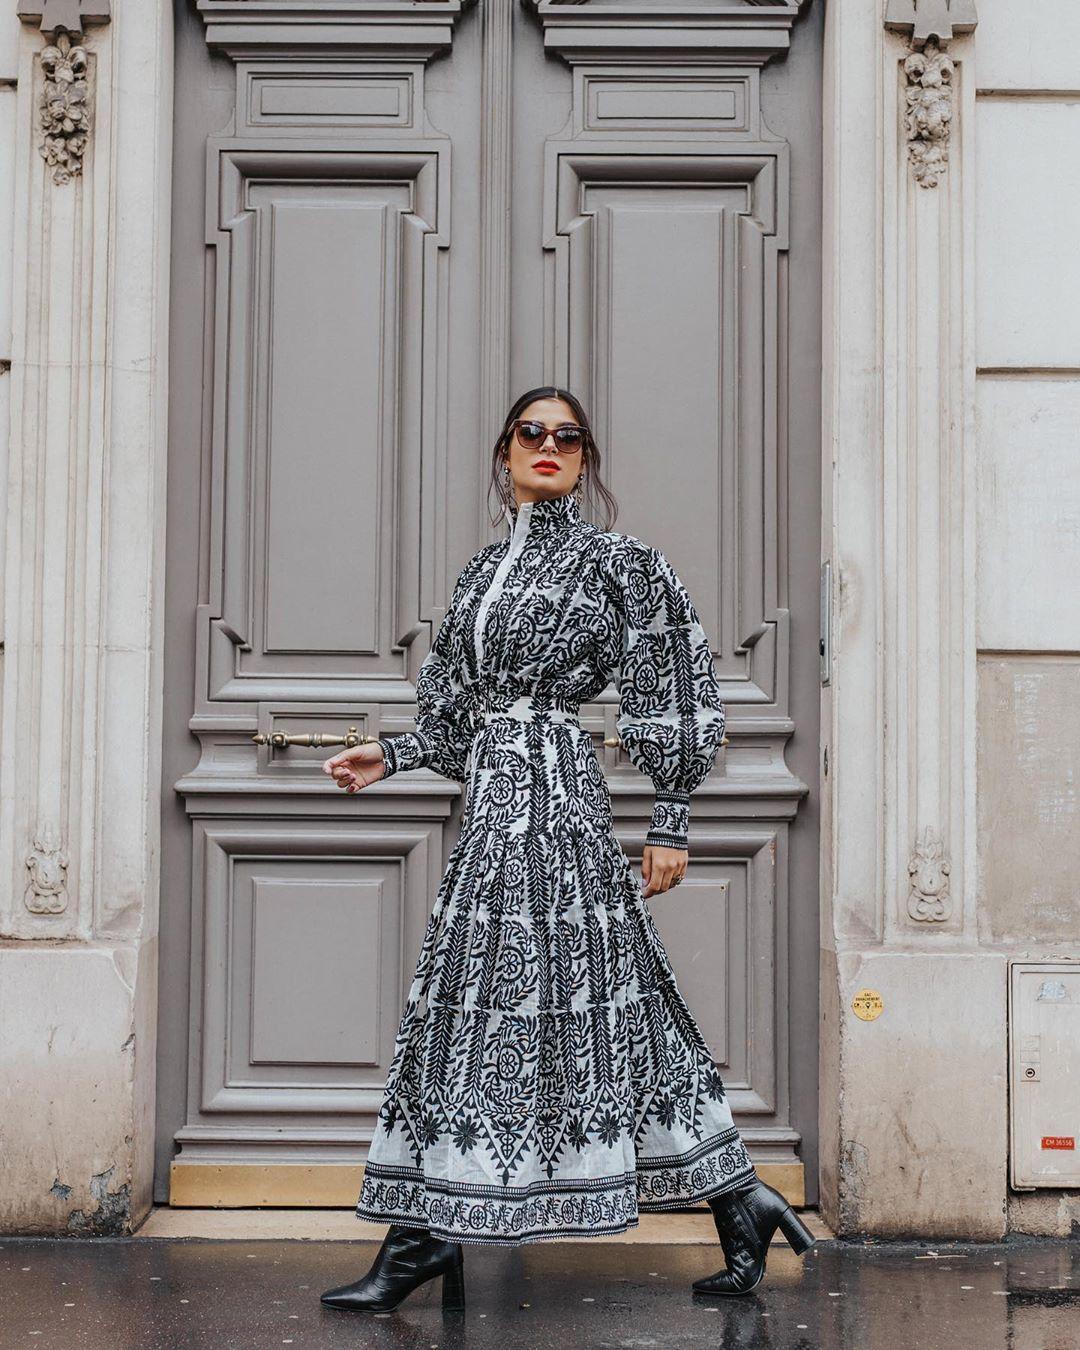 julia horta, top 20 de miss universe 2019. - Página 46 88241610